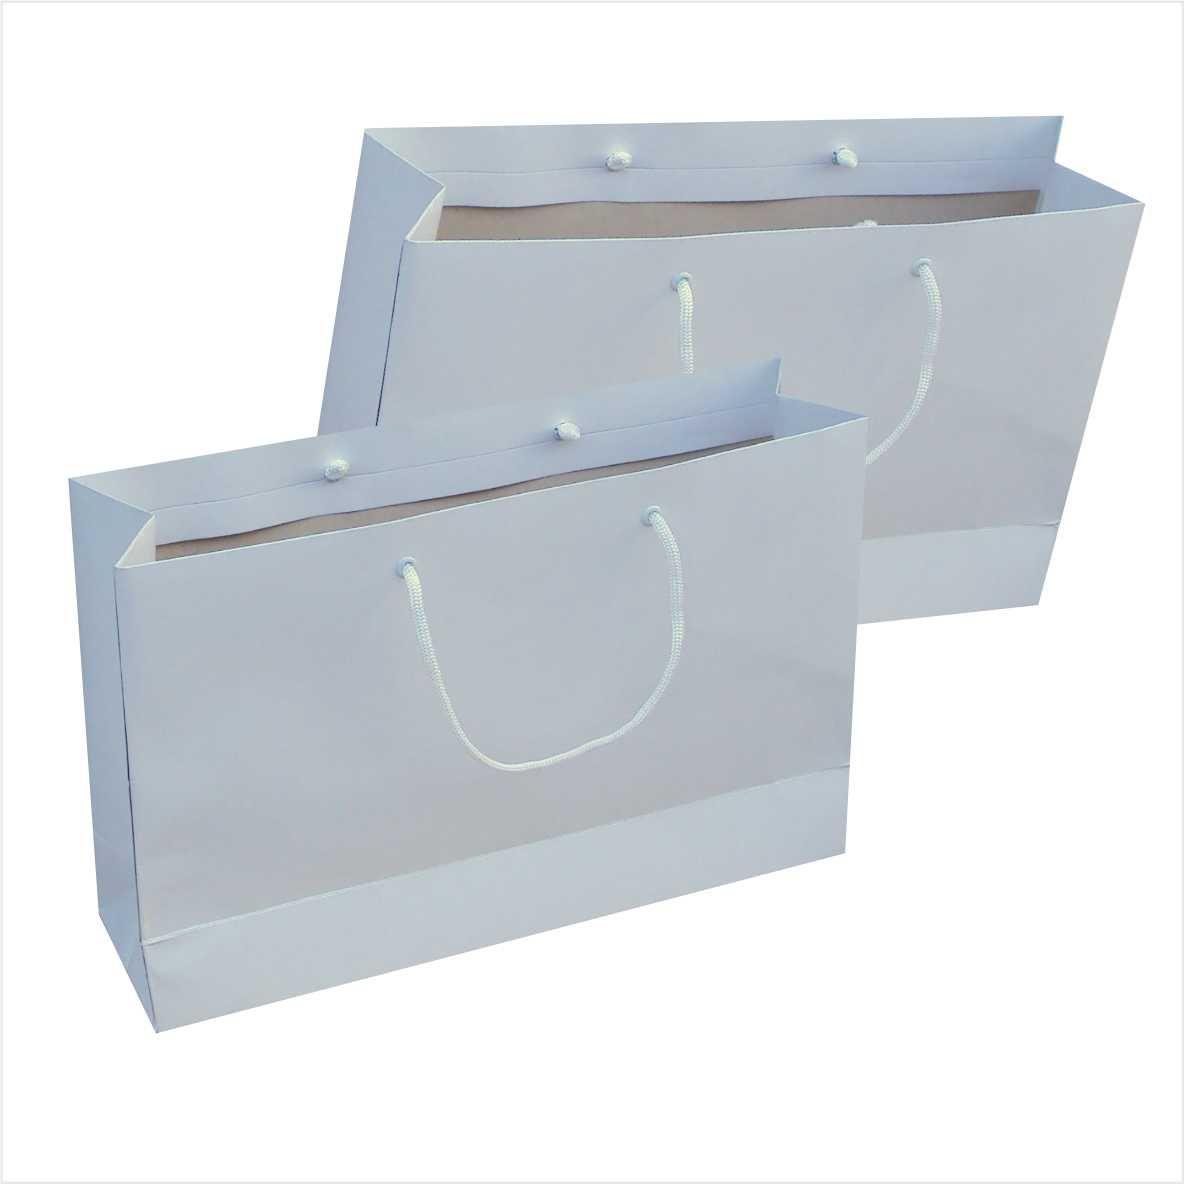 Sacola de papel kraft M - cor branca tamanho  -35x23x10 cm - 10 unidades